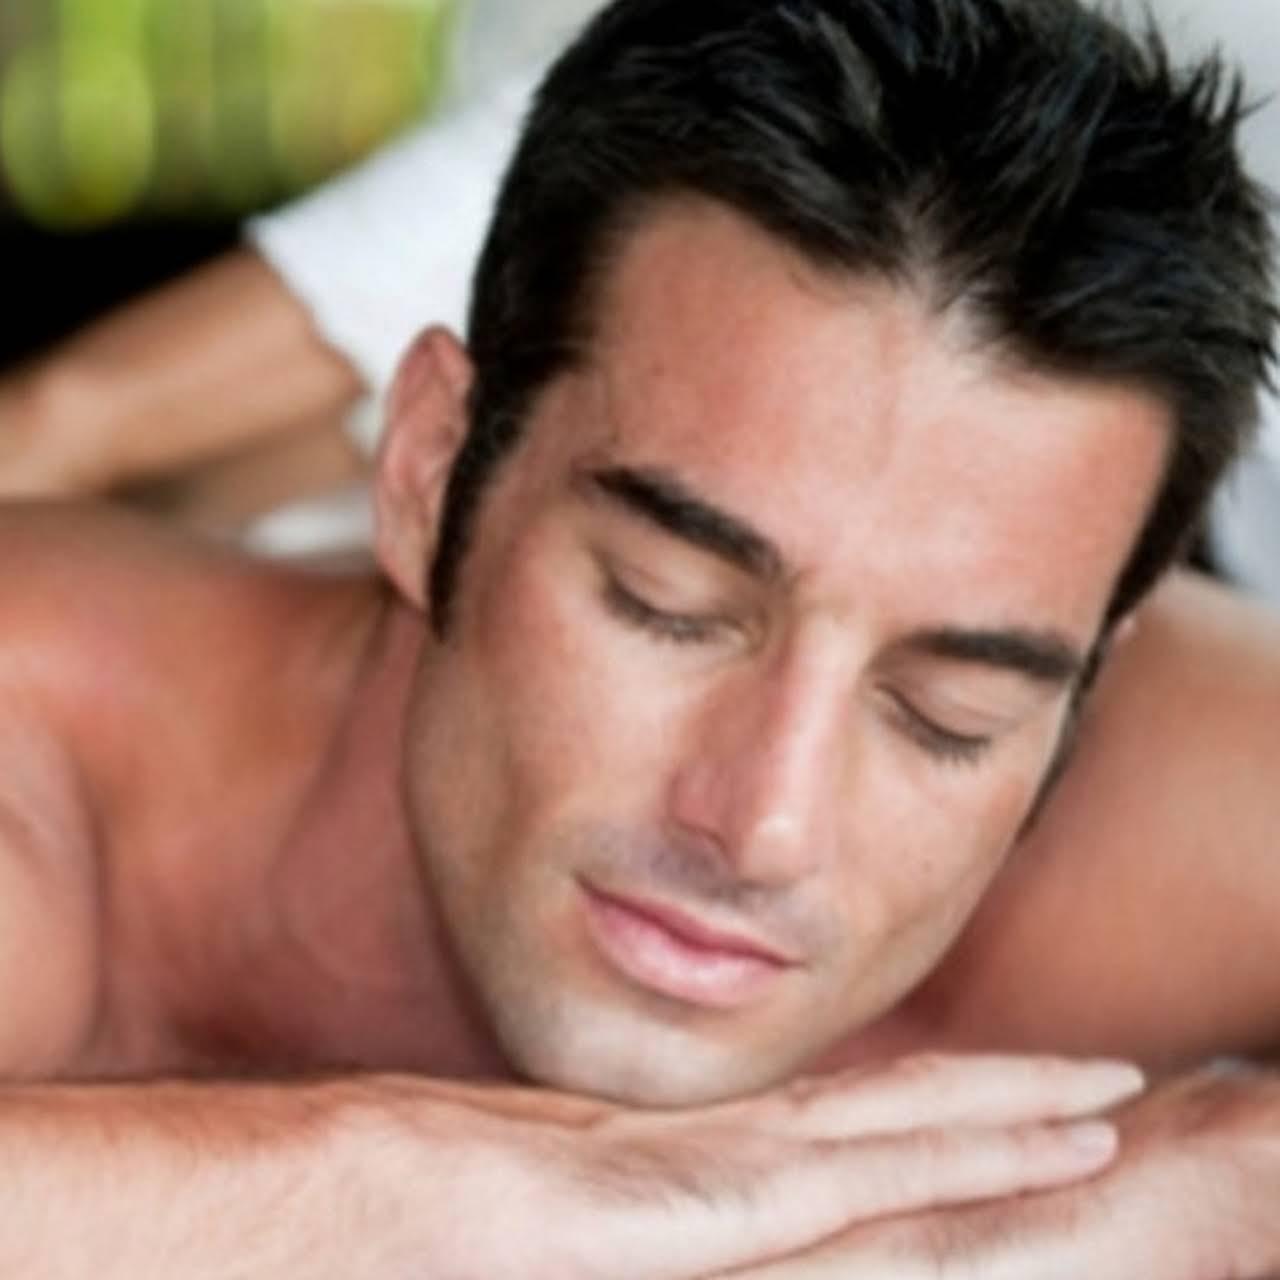 kl lingam massage